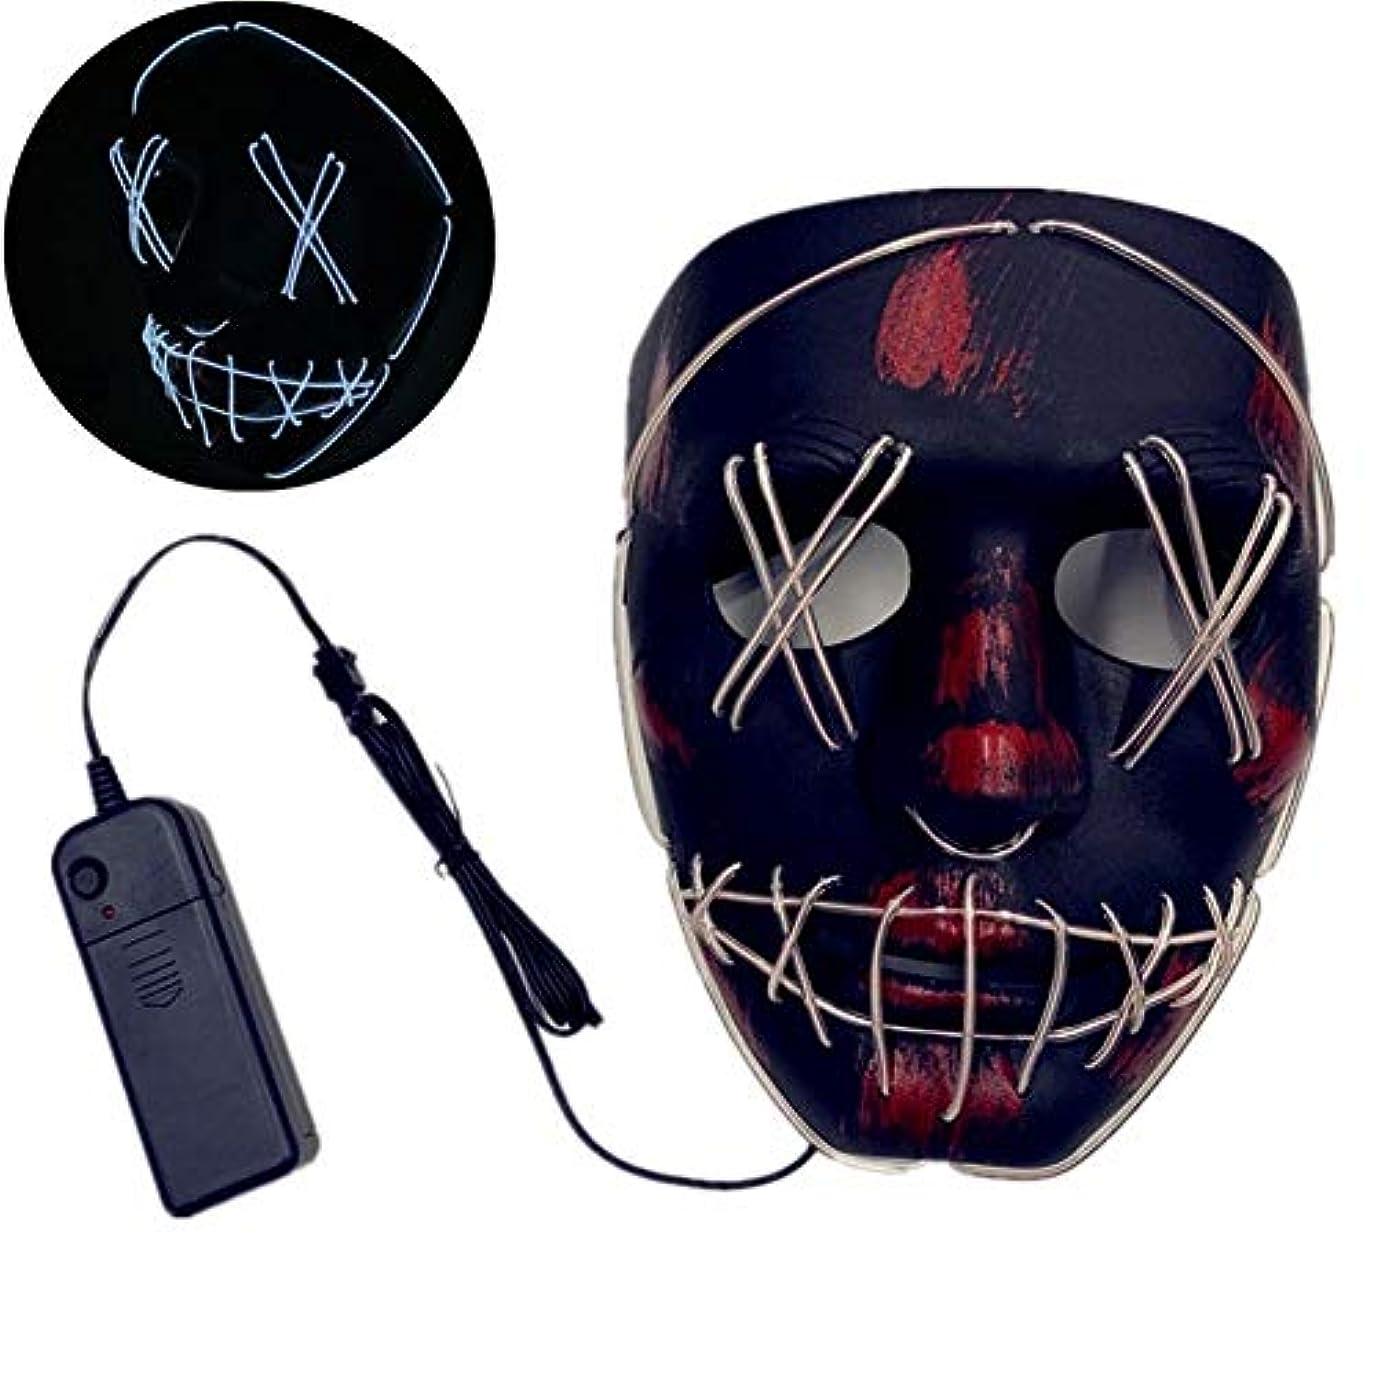 いたずら非常に食い違いハロウィーンマスク、しかめっ面、テーマパーティー、ハロウィーン、レイブパーティー、仮面舞踏会などに適しています。,White